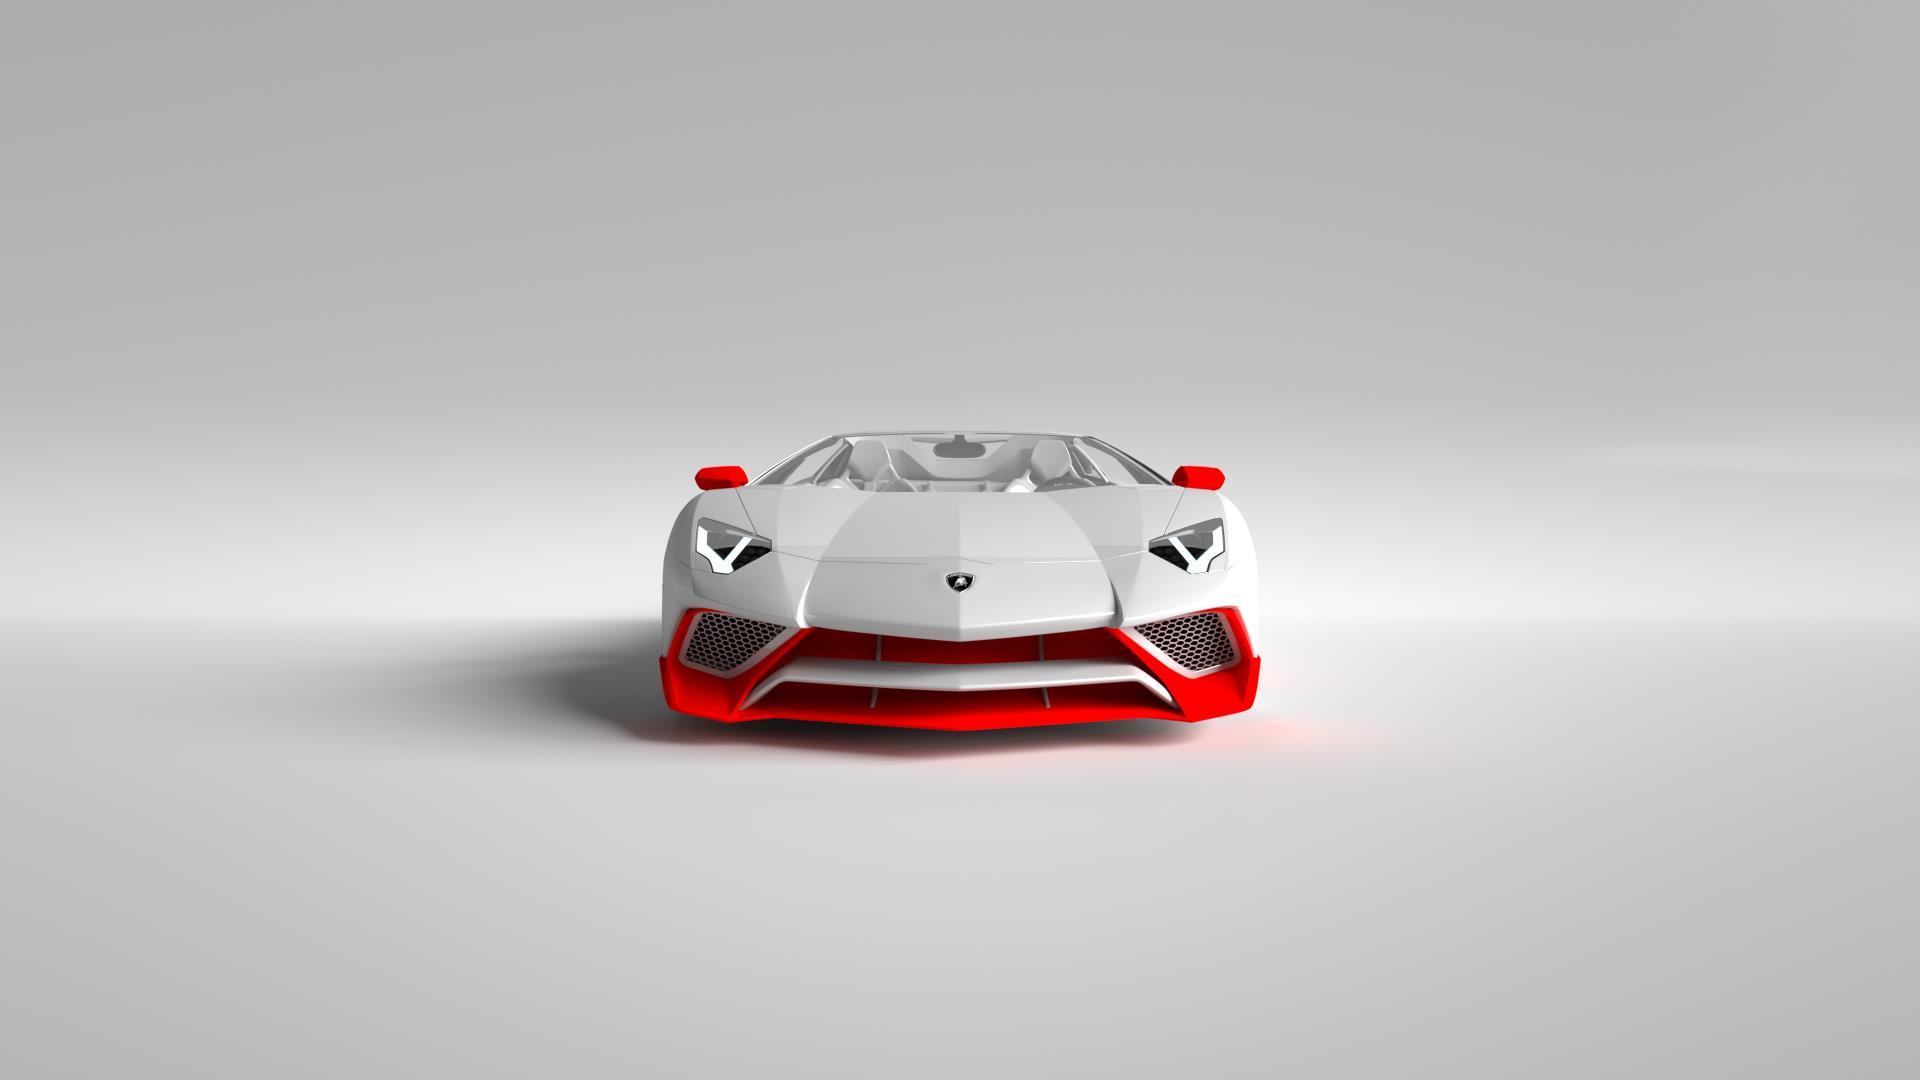 Lamborghini Aventador LP 750-4 Superveloce Coupé e Roadster by Vitesse AuDessus